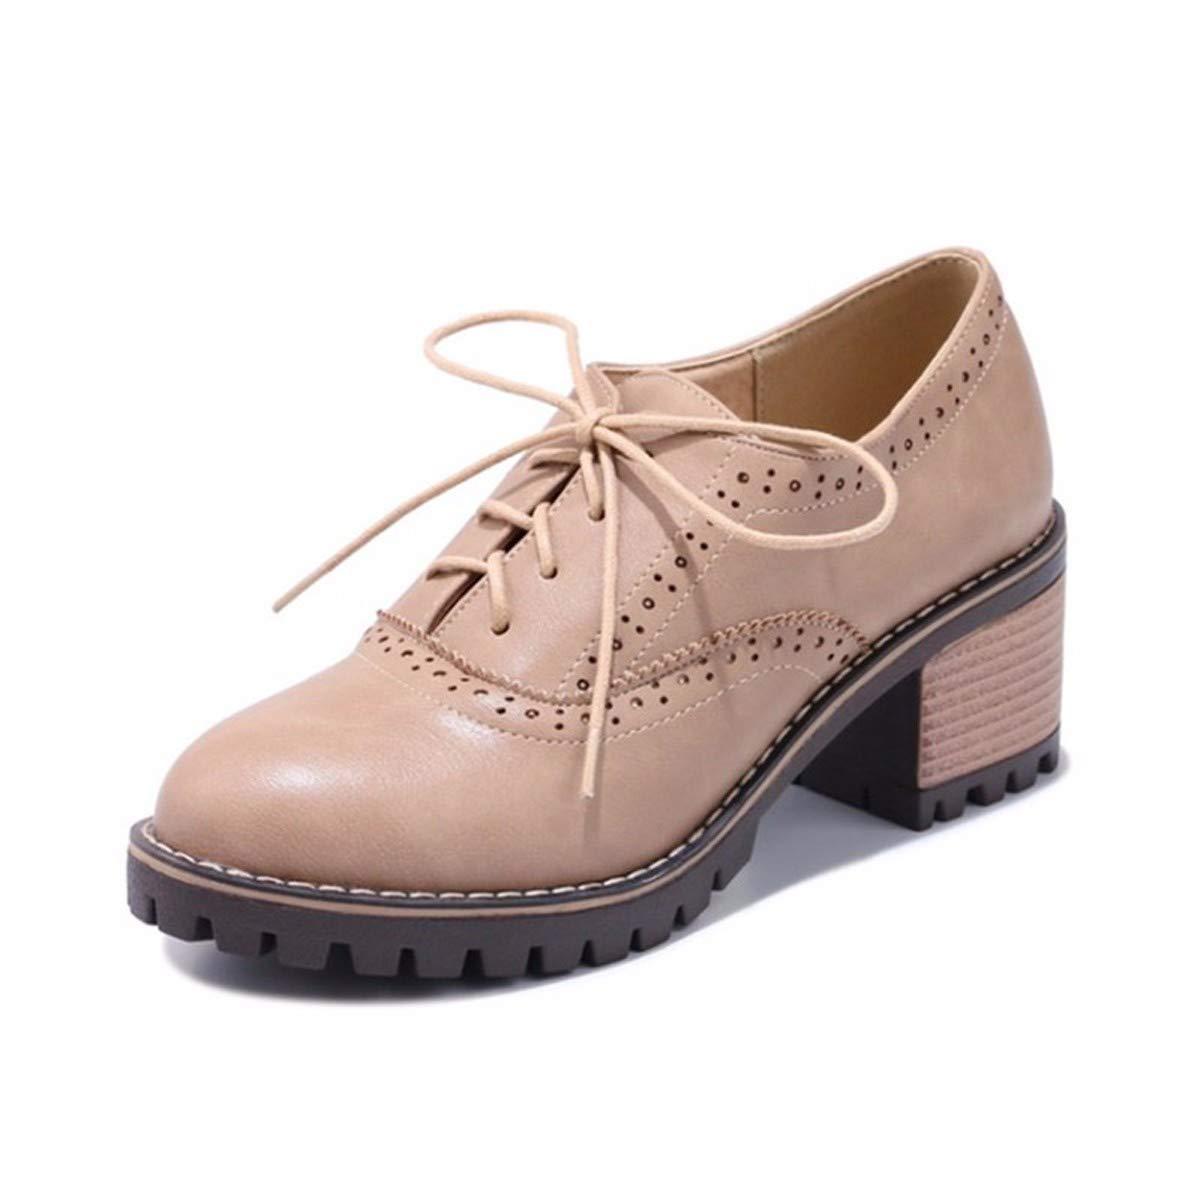 KPHY-Retro - Literatur - Duos Und Schnürung Bullock Ist Schuhe Runden Kopf Mit Studenten Mädchen Einzigen Schuh 4Cm 36 Aprikosen - Farbe